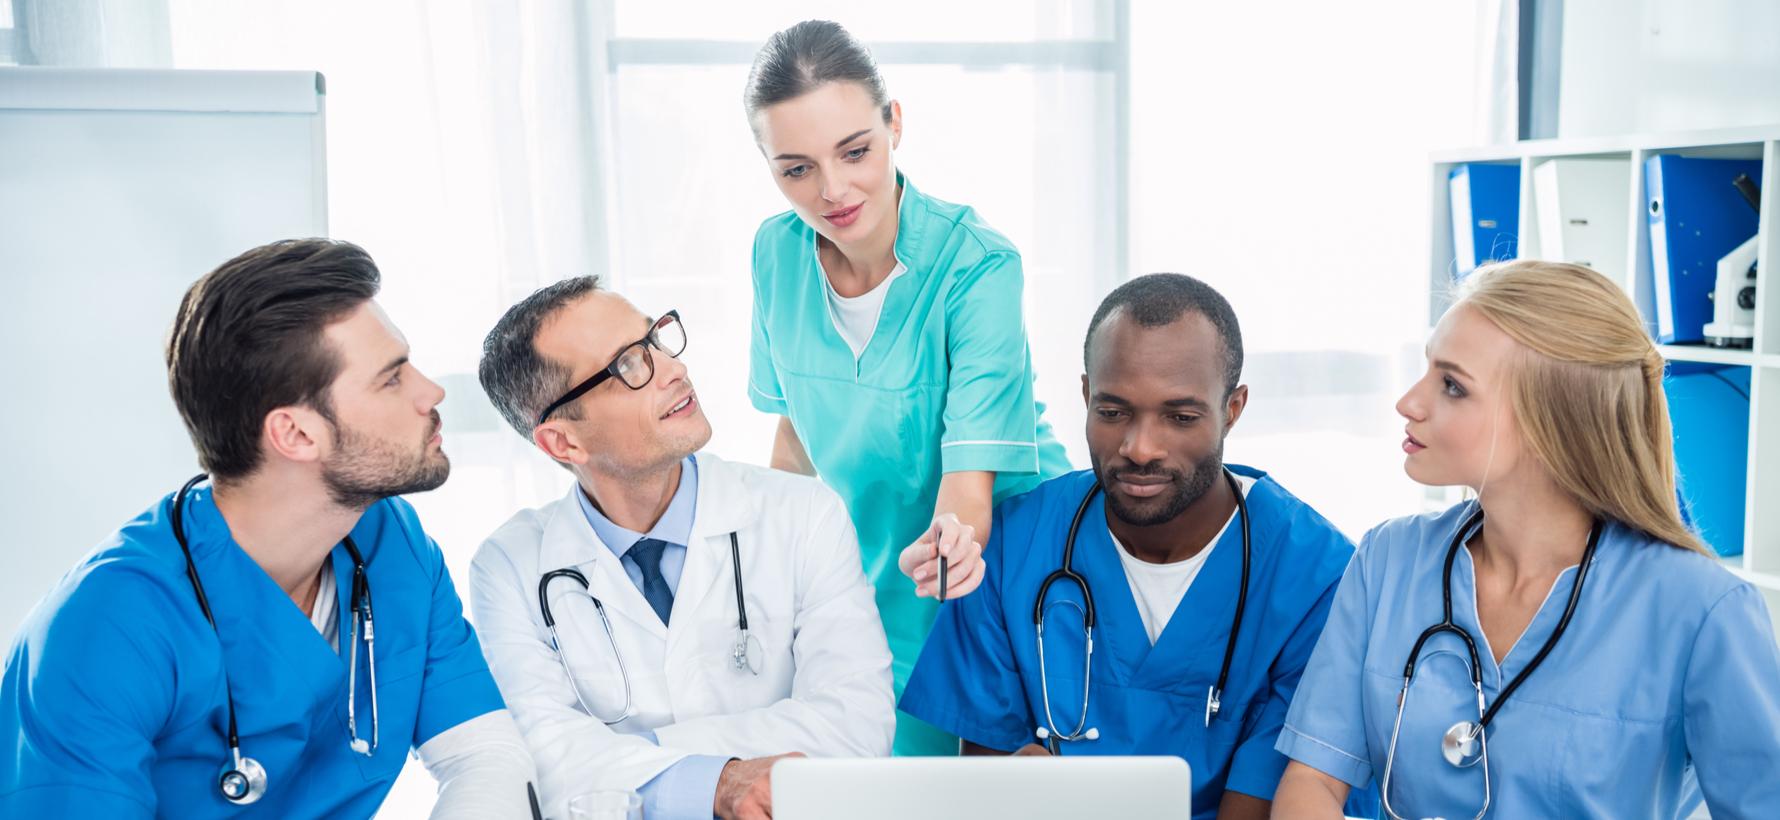 competencias-de-un-buen-profesional-de-la-salud